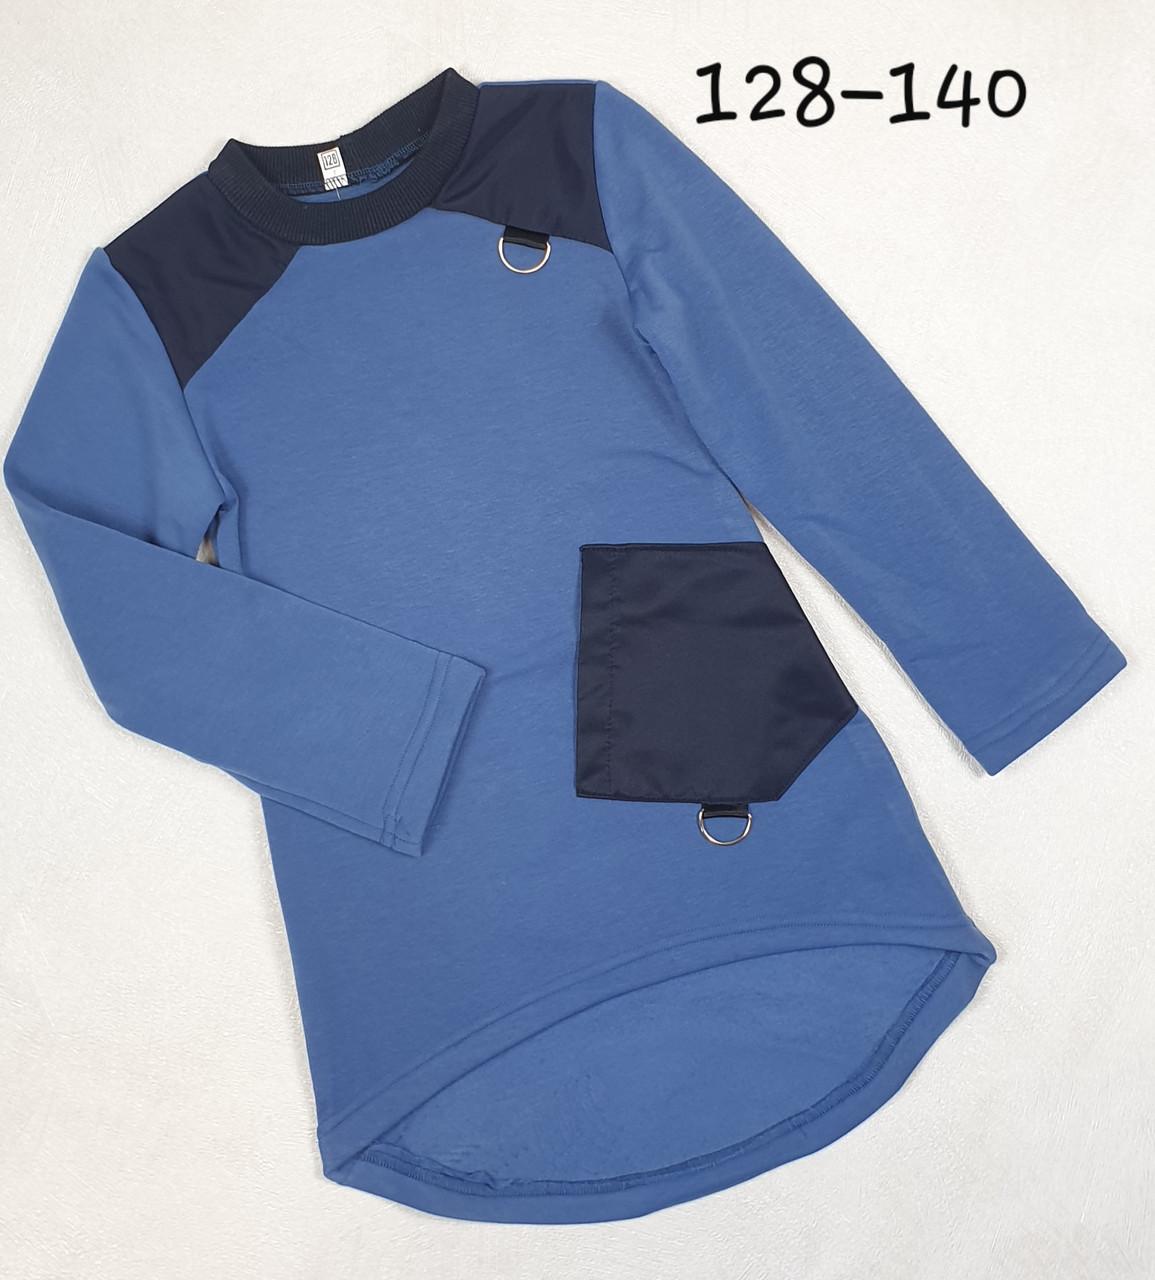 Теплая Туника детская Карманчик 128-140 джинс /  оптом от производителя Украина